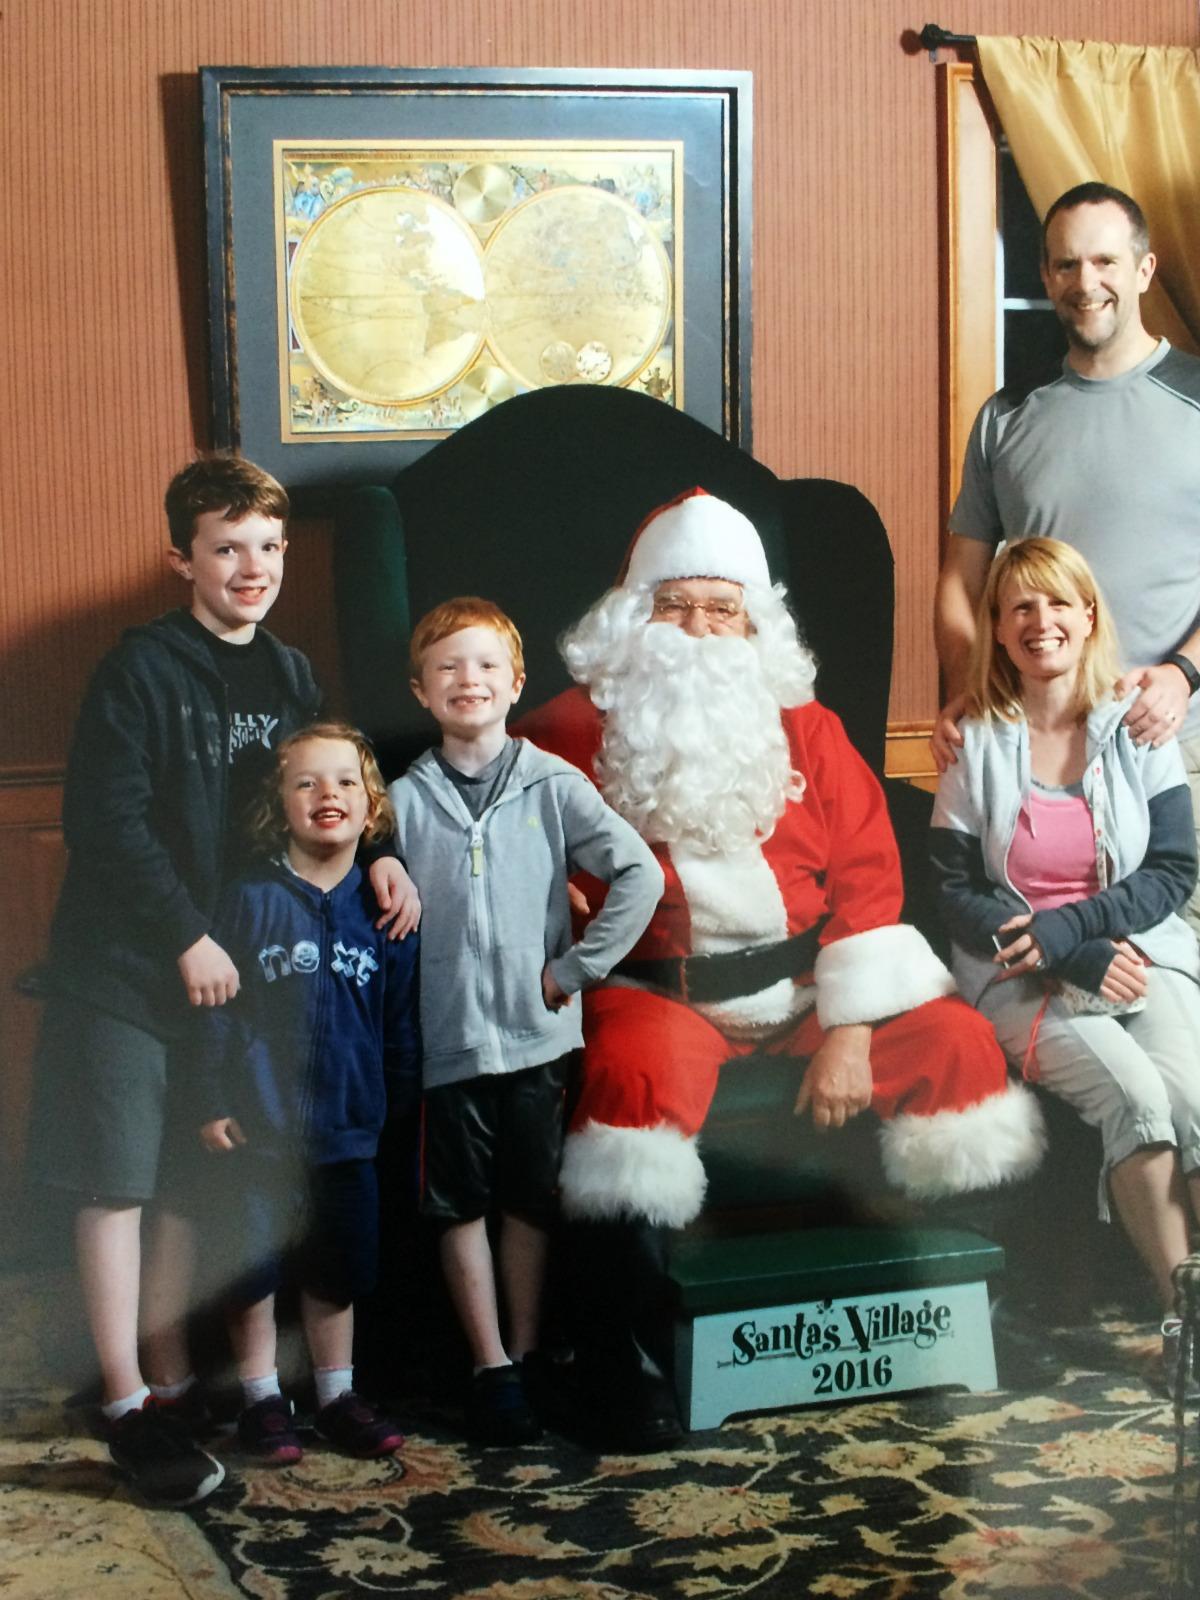 Our Family at Santas Village